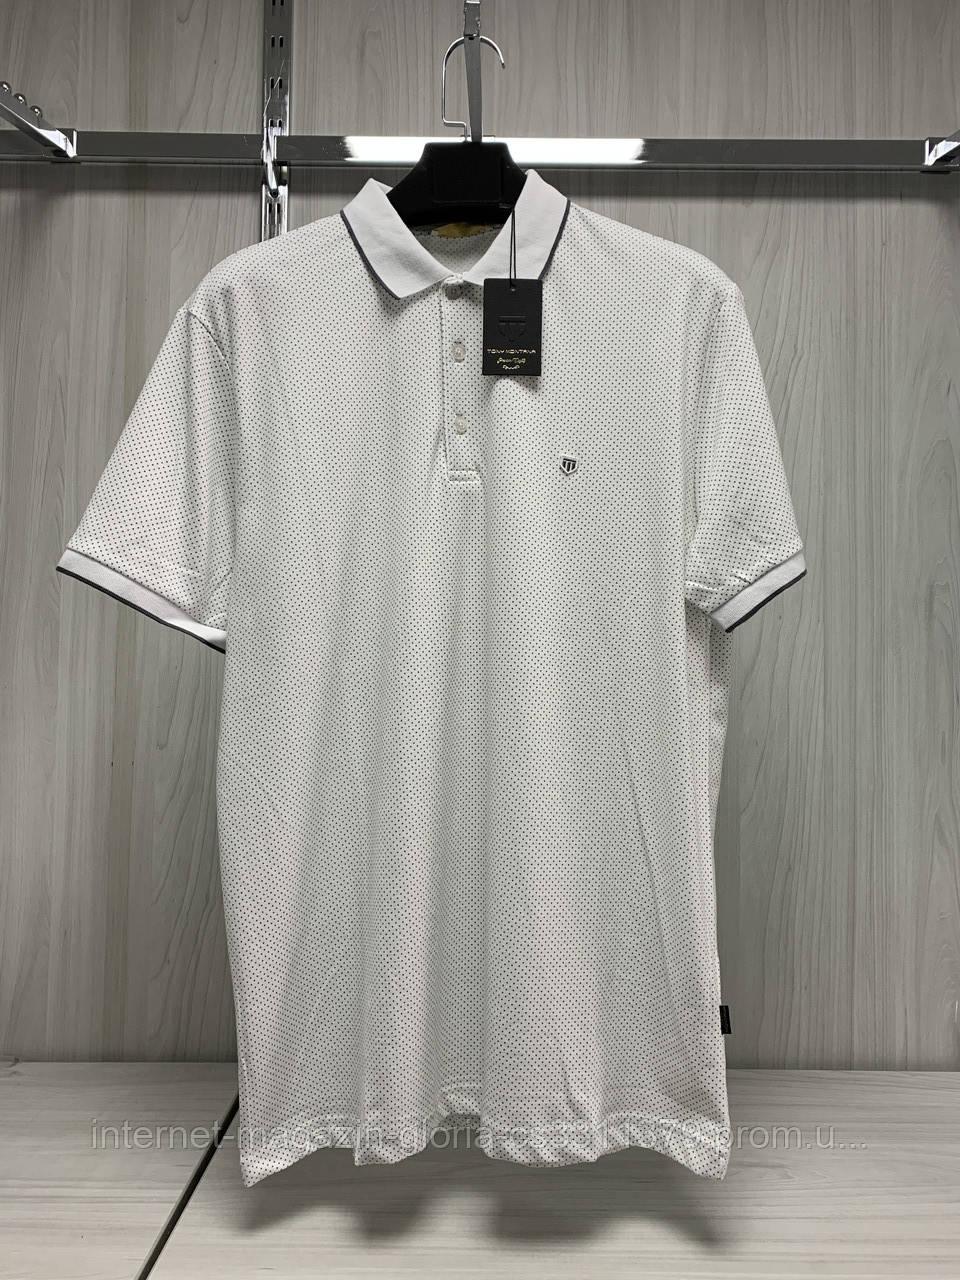 Мужская футболка поло Tony Montana. PL-3231(beyaz fumel). Размеры: M,L,XL,XXL.